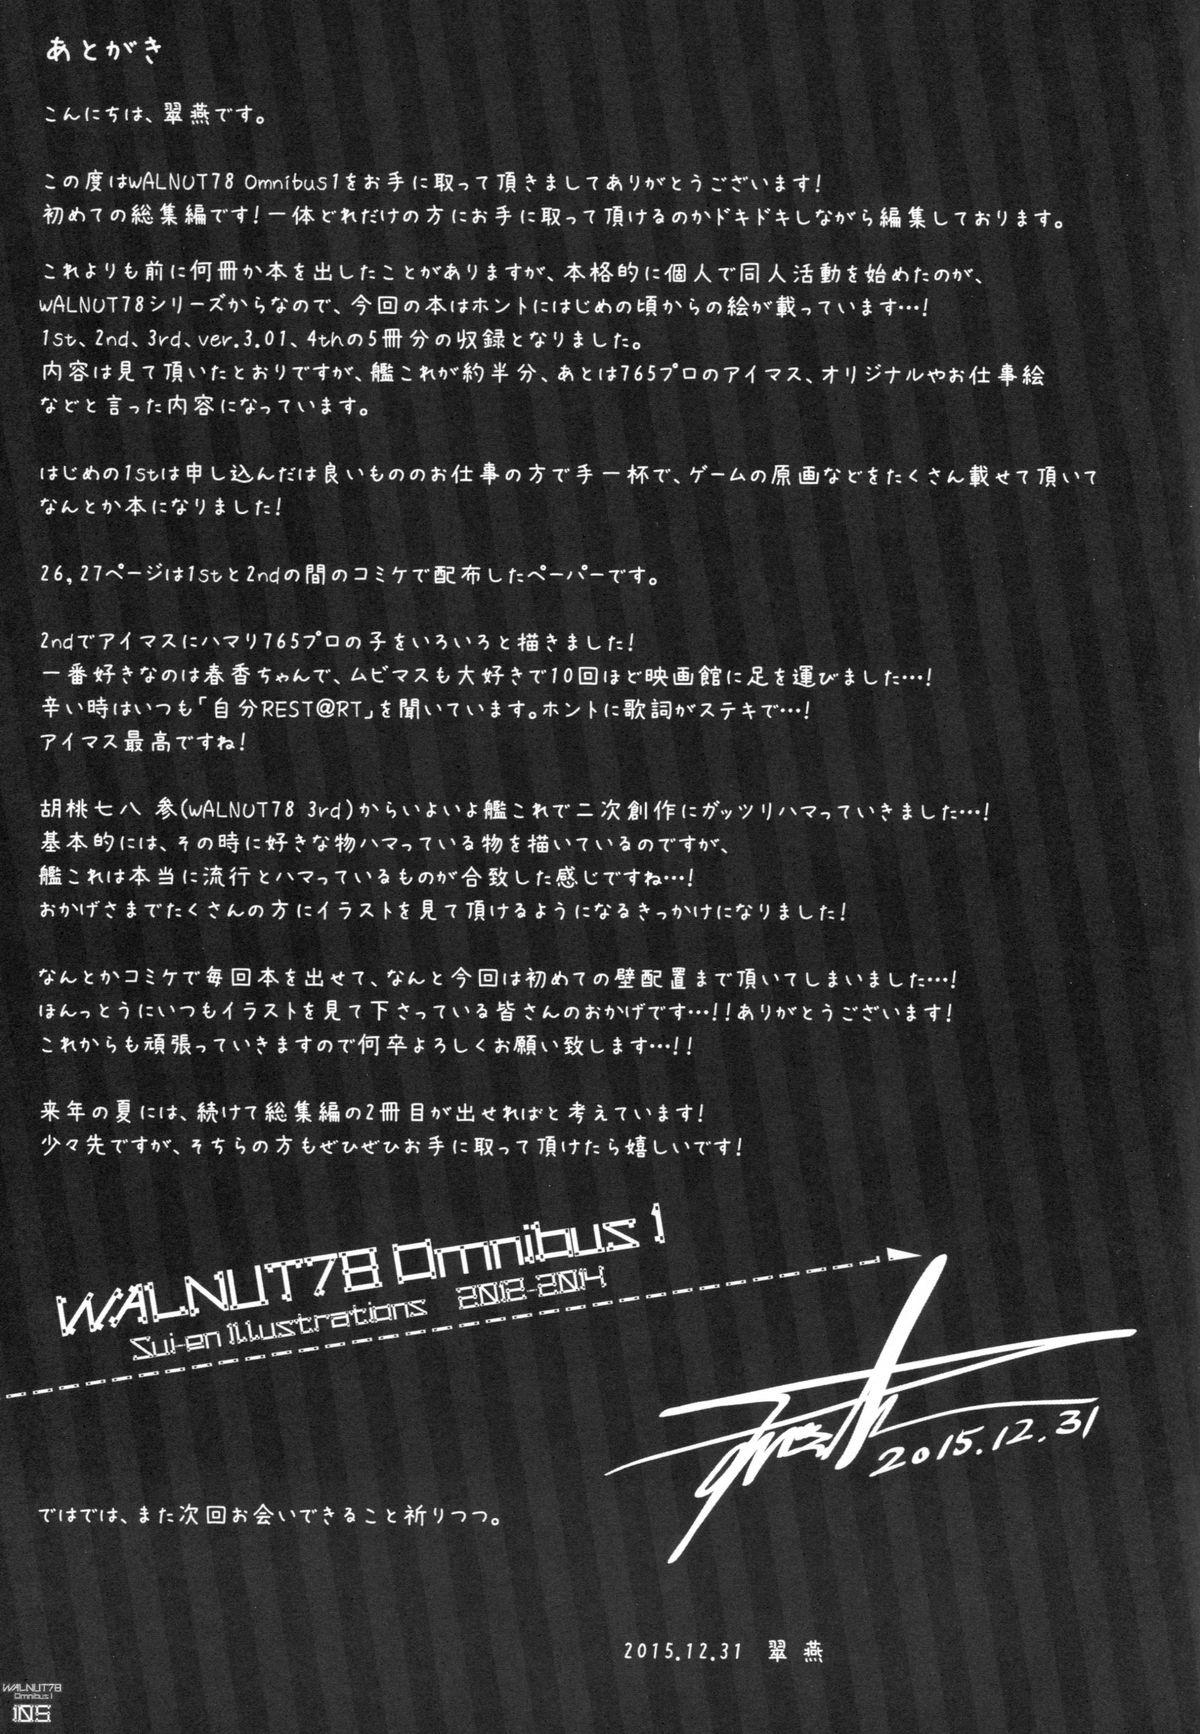 (C89) [Sui-en (Sui-en)] WALNUT78 Omnibus 1 -Suien-en Illustrations 2012-2014- (Various) 102